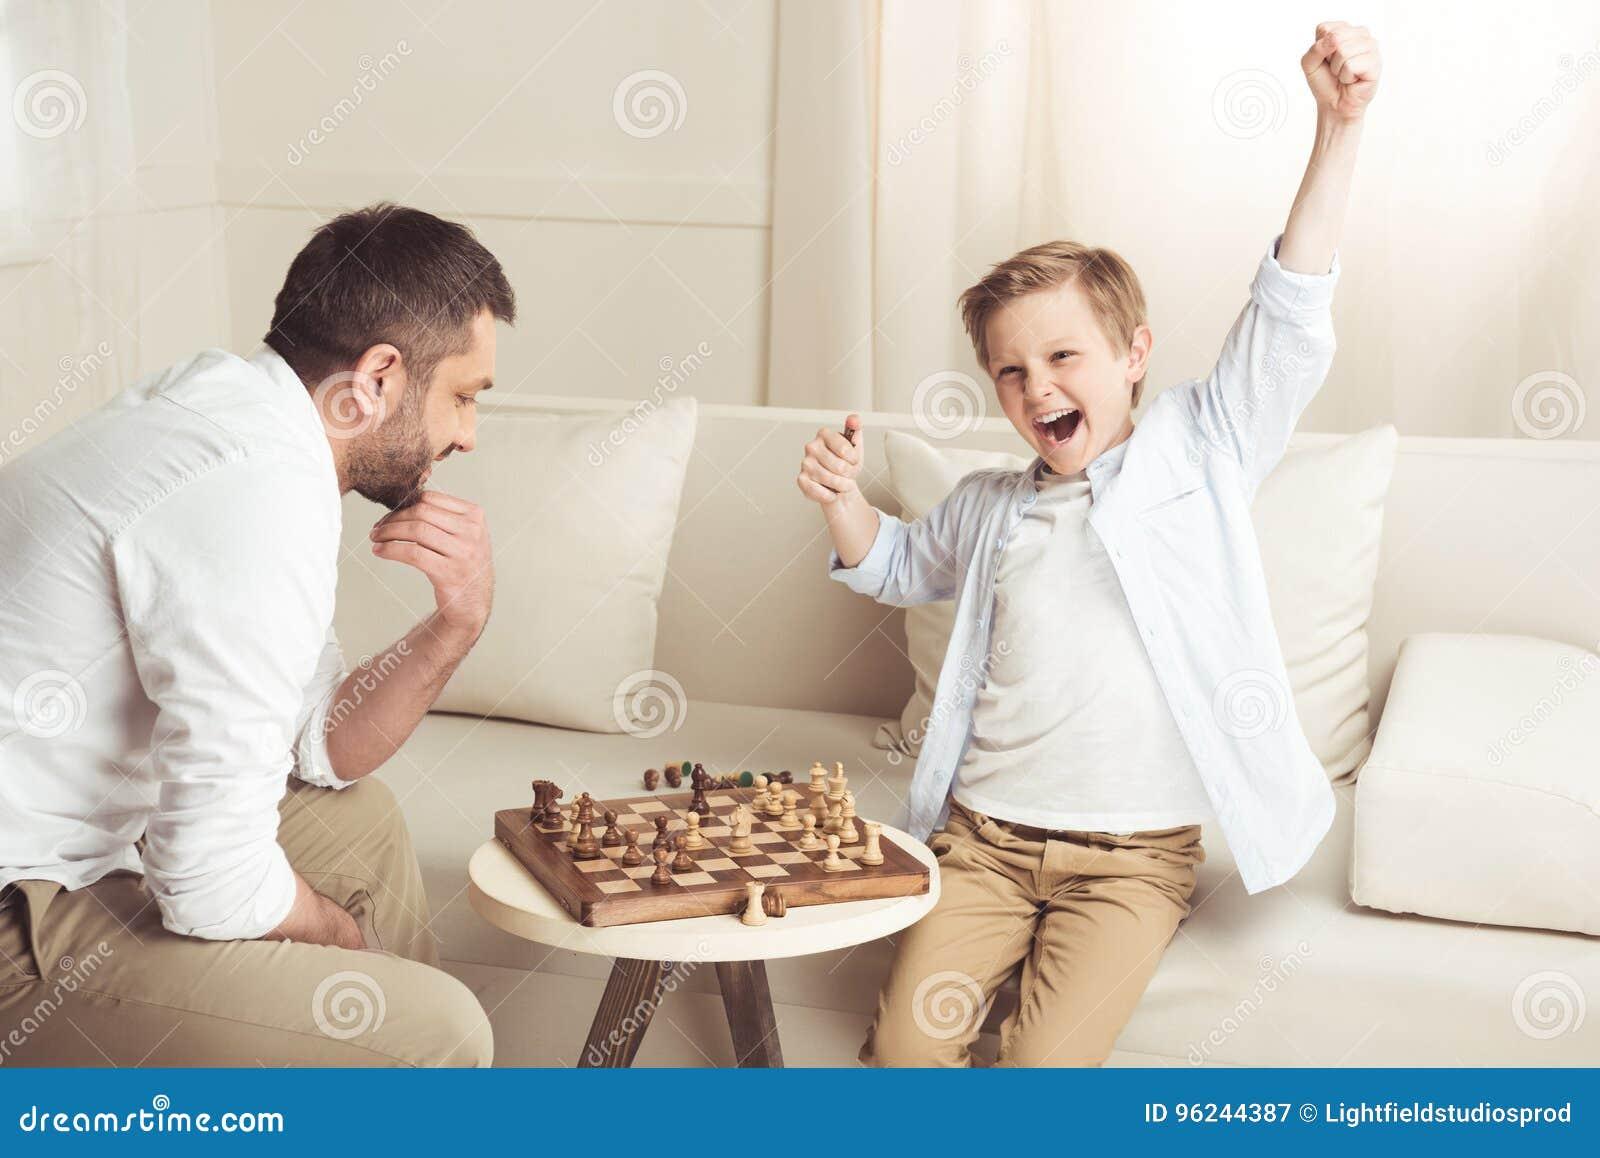 Ragazzo che celebra successo nel gioco di scacchi con il padre vicino vicino